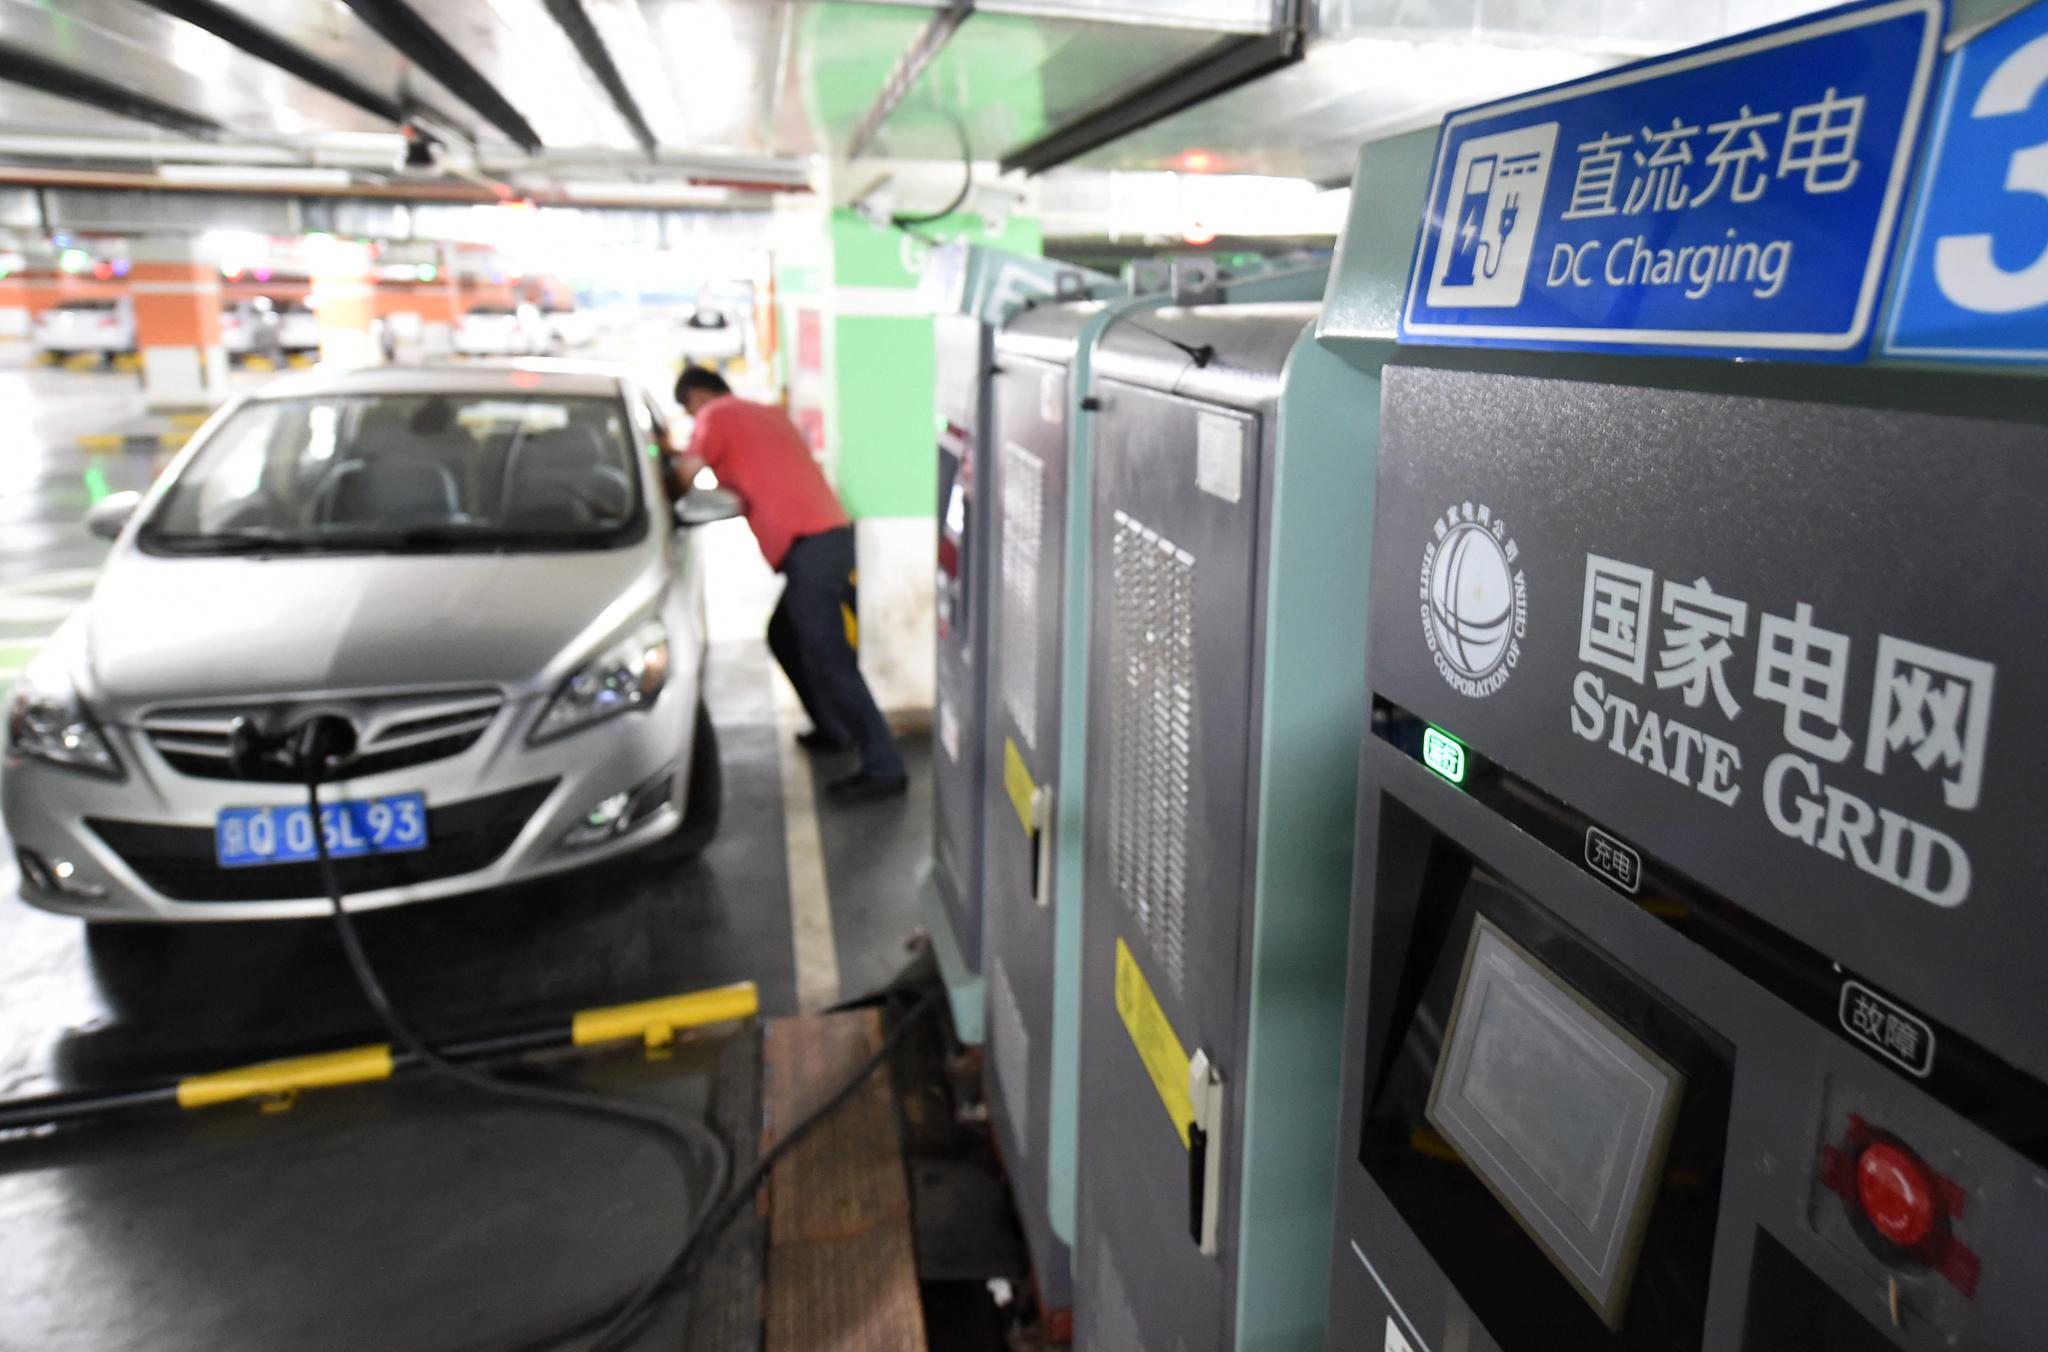 北京已推广超过35万辆纯电动汽车 并将继